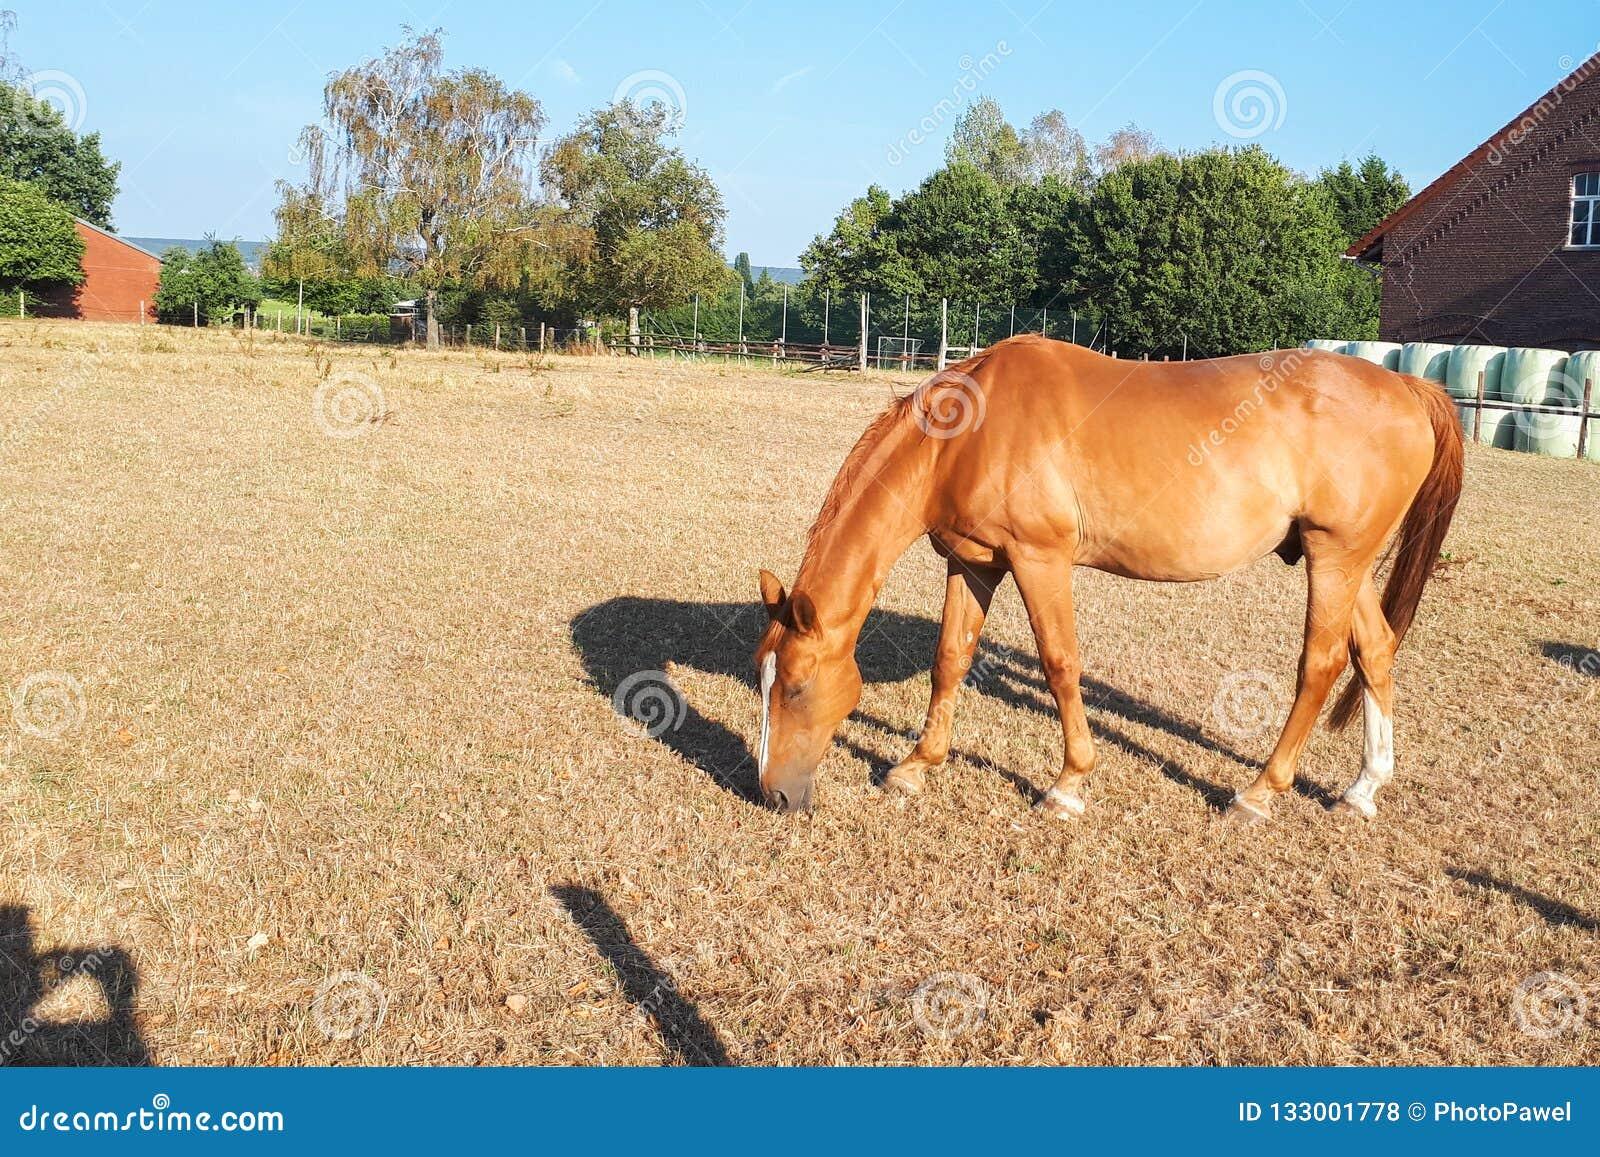 Το ανοικτό καφέ άλογο βόσκει σε ένα λιβάδι σε ένα αγρόκτημα